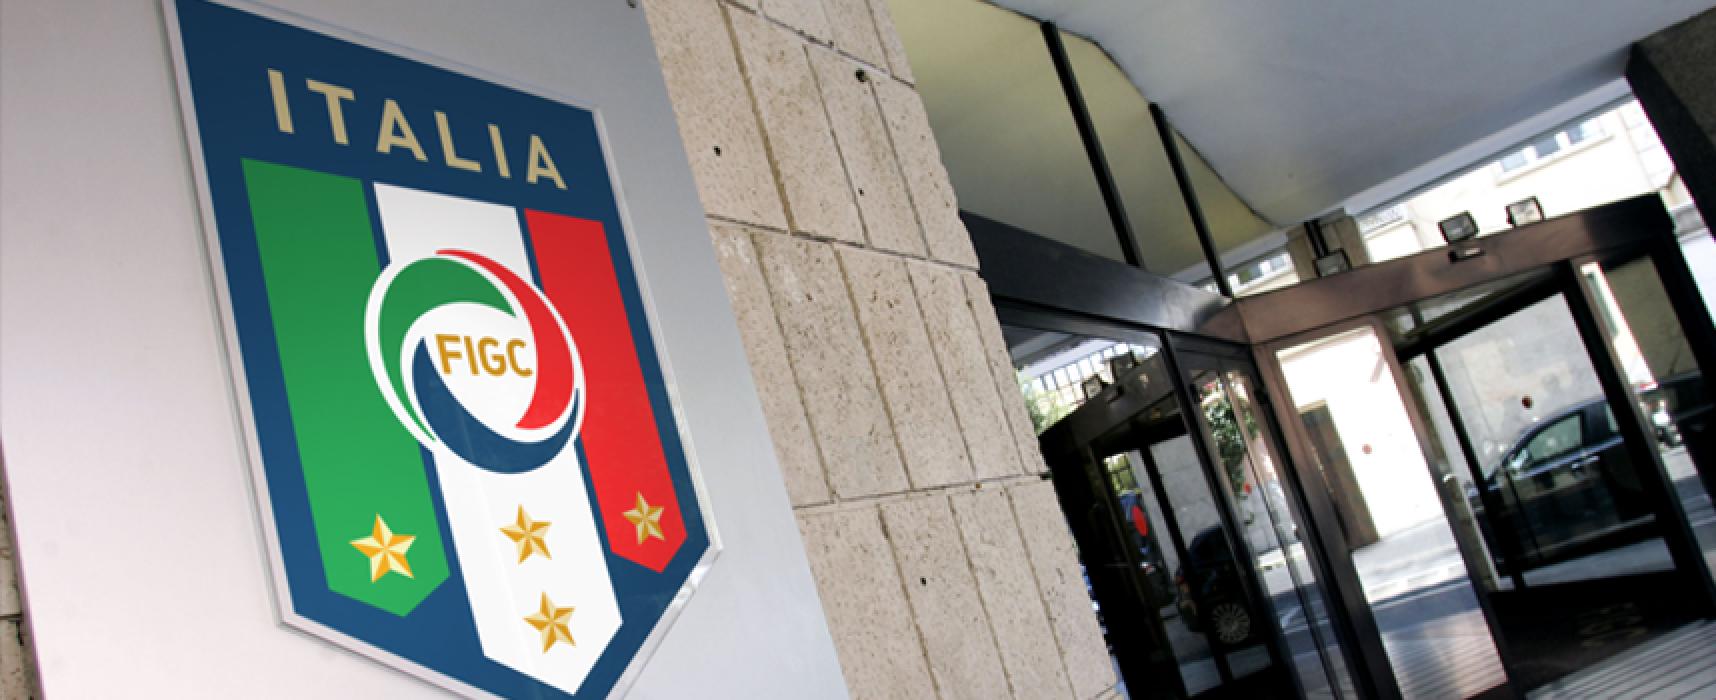 Consiglio federale: la Serie C riprenderà, stop definitivo per i Dilettanti